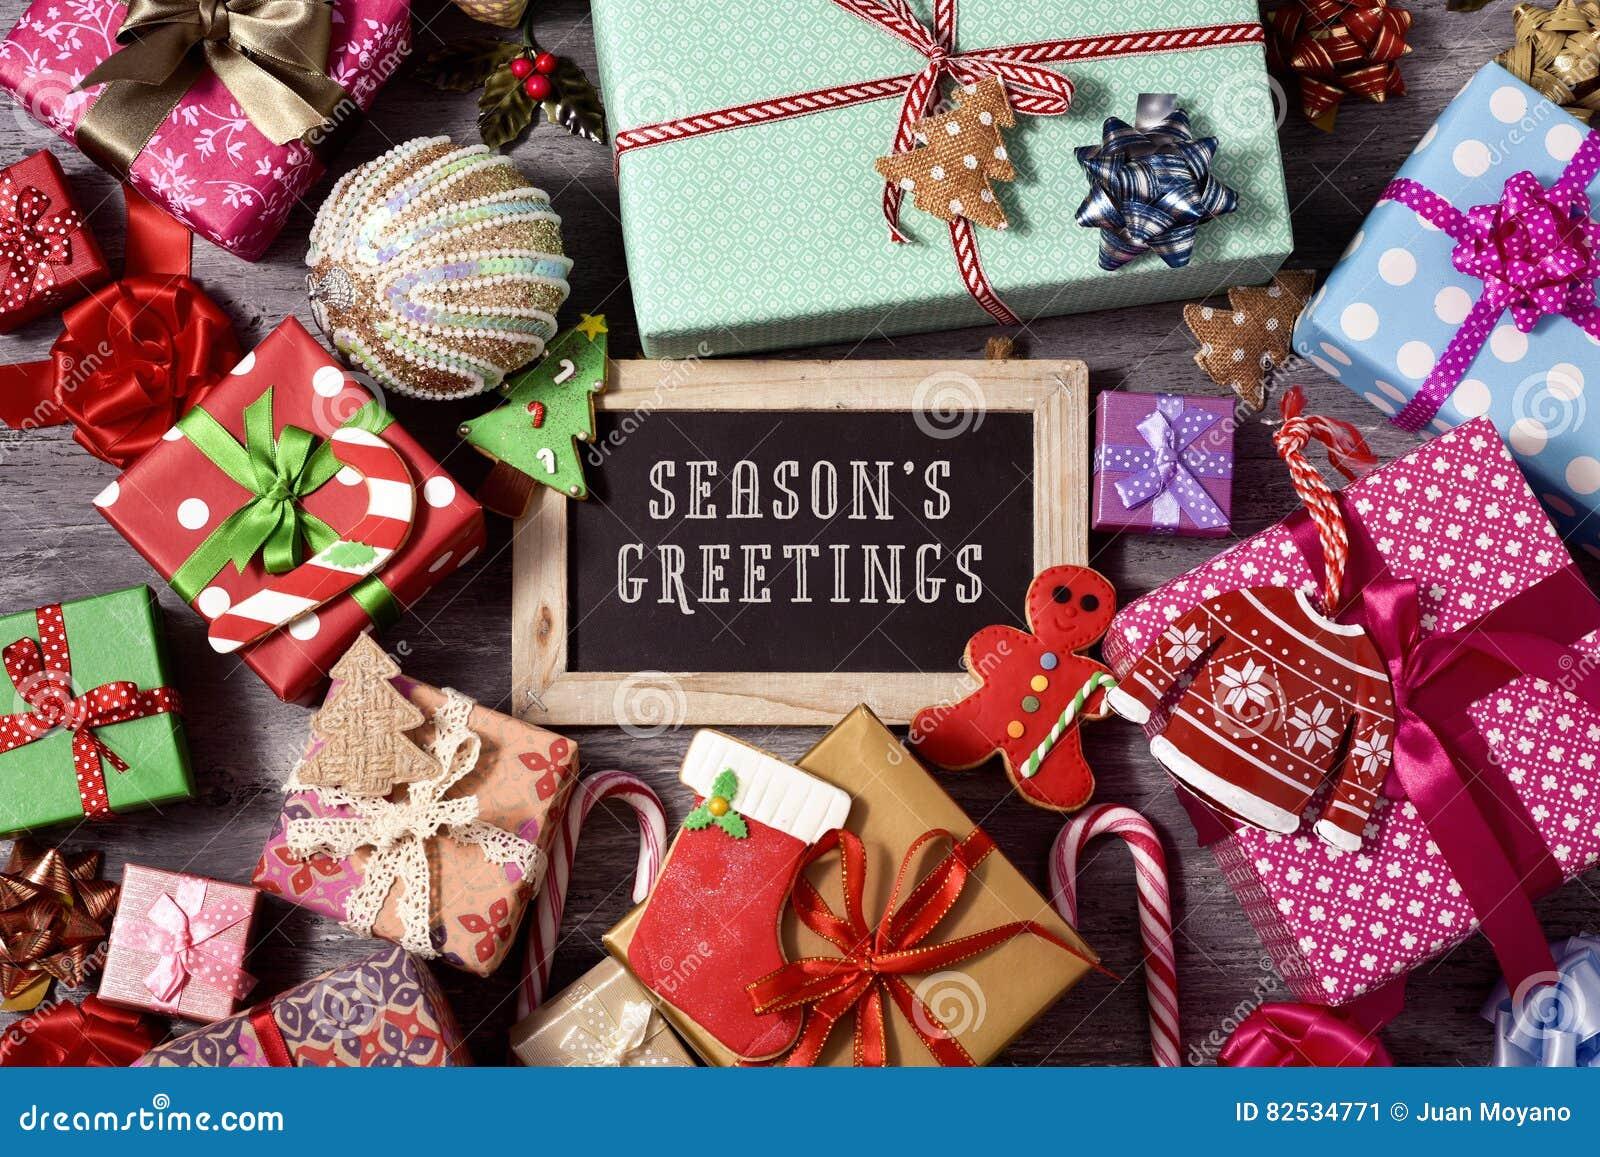 礼物、圣诞节装饰品和文本季节问候